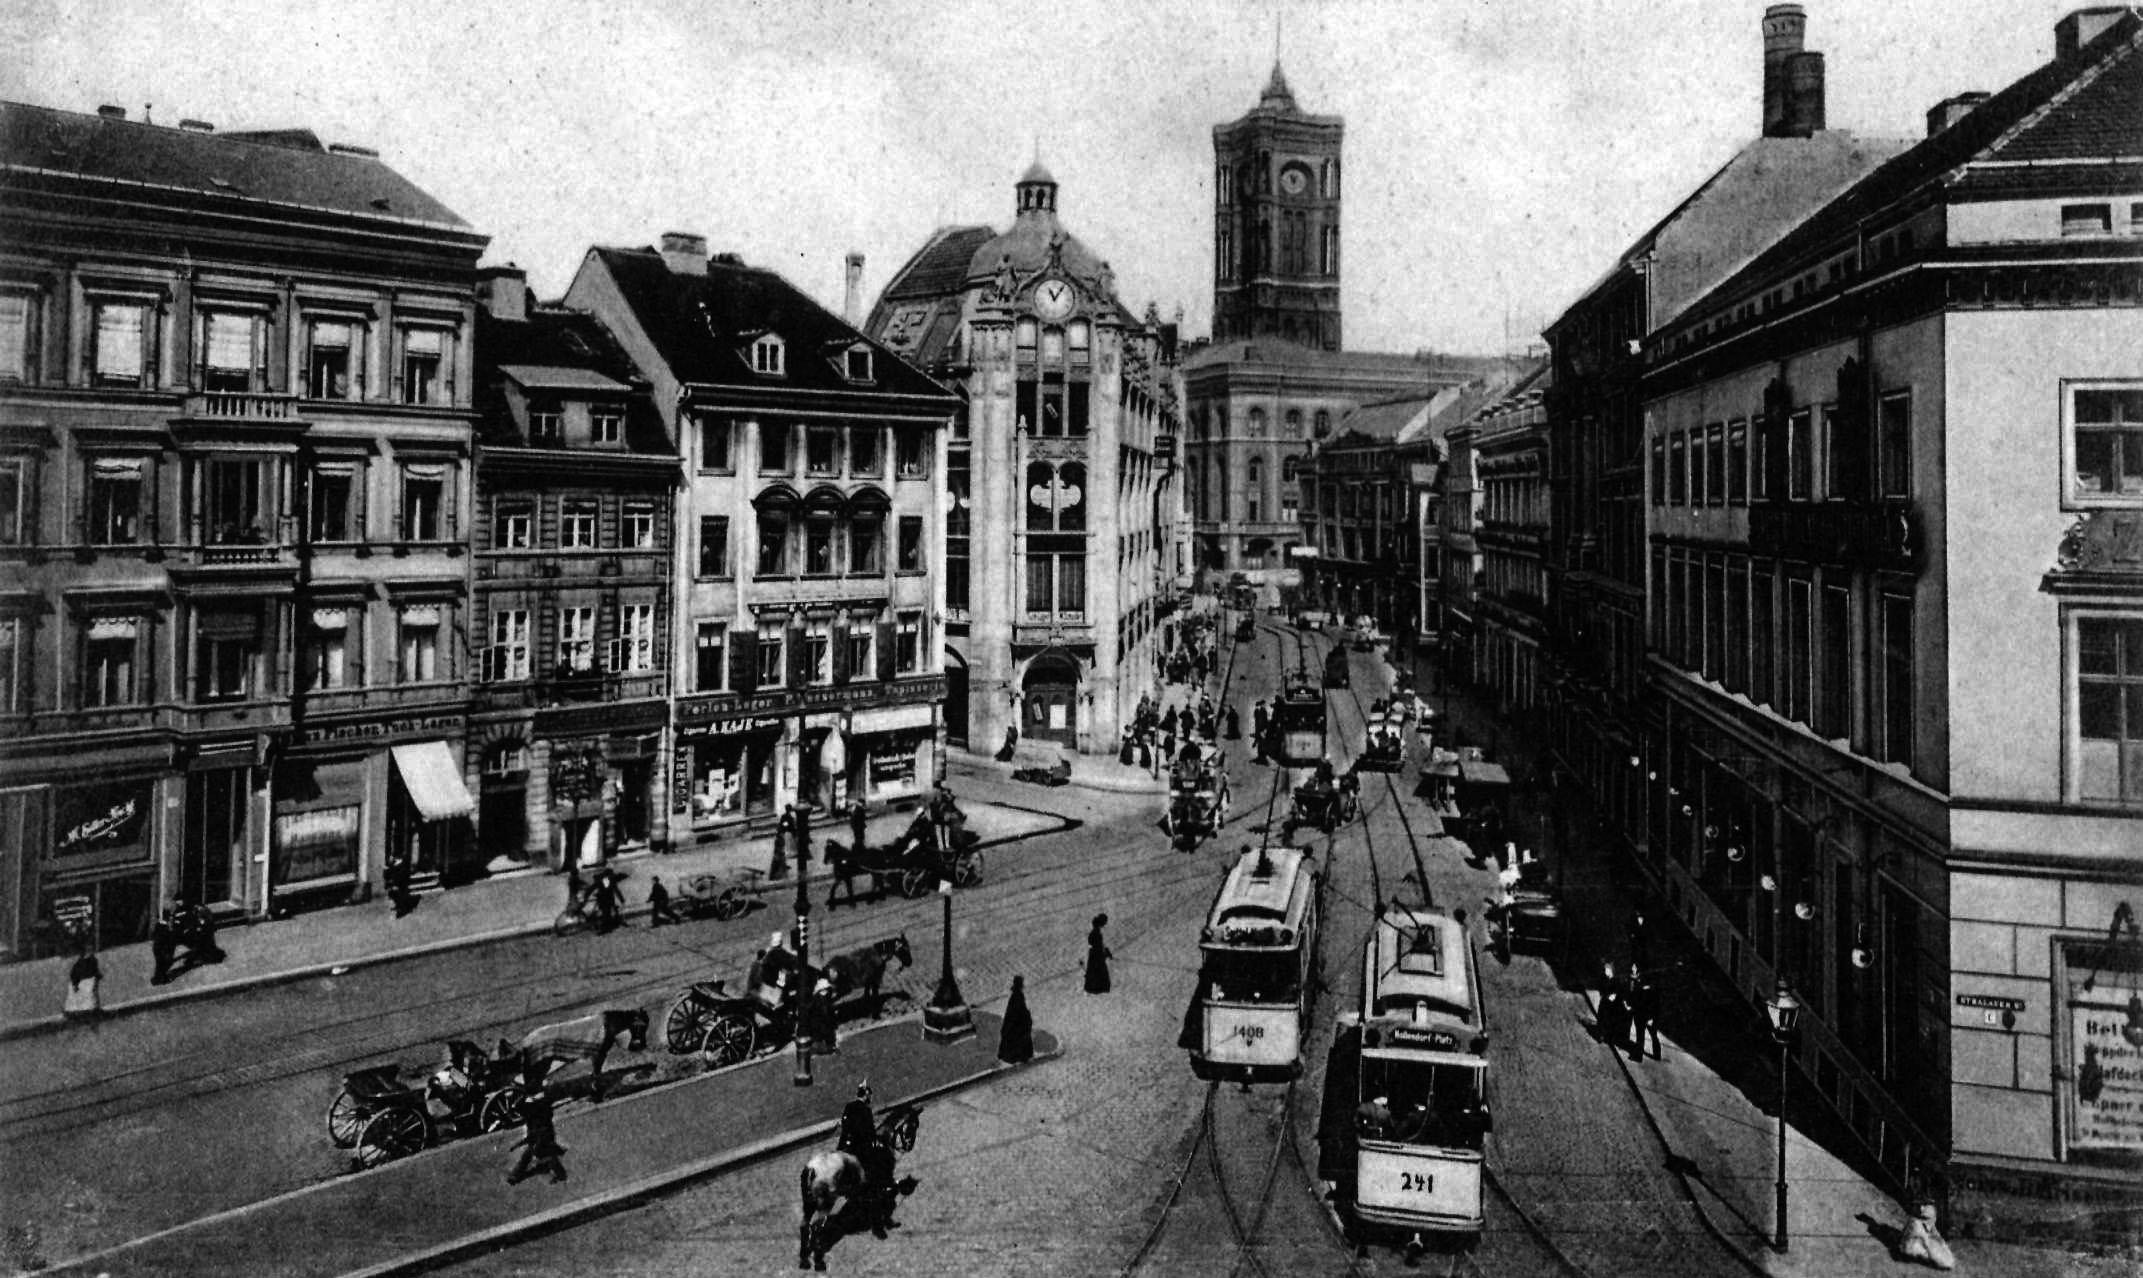 Berlin, Molkenmarkt, 1902 Bilder, Berlin, Berlin geschichte